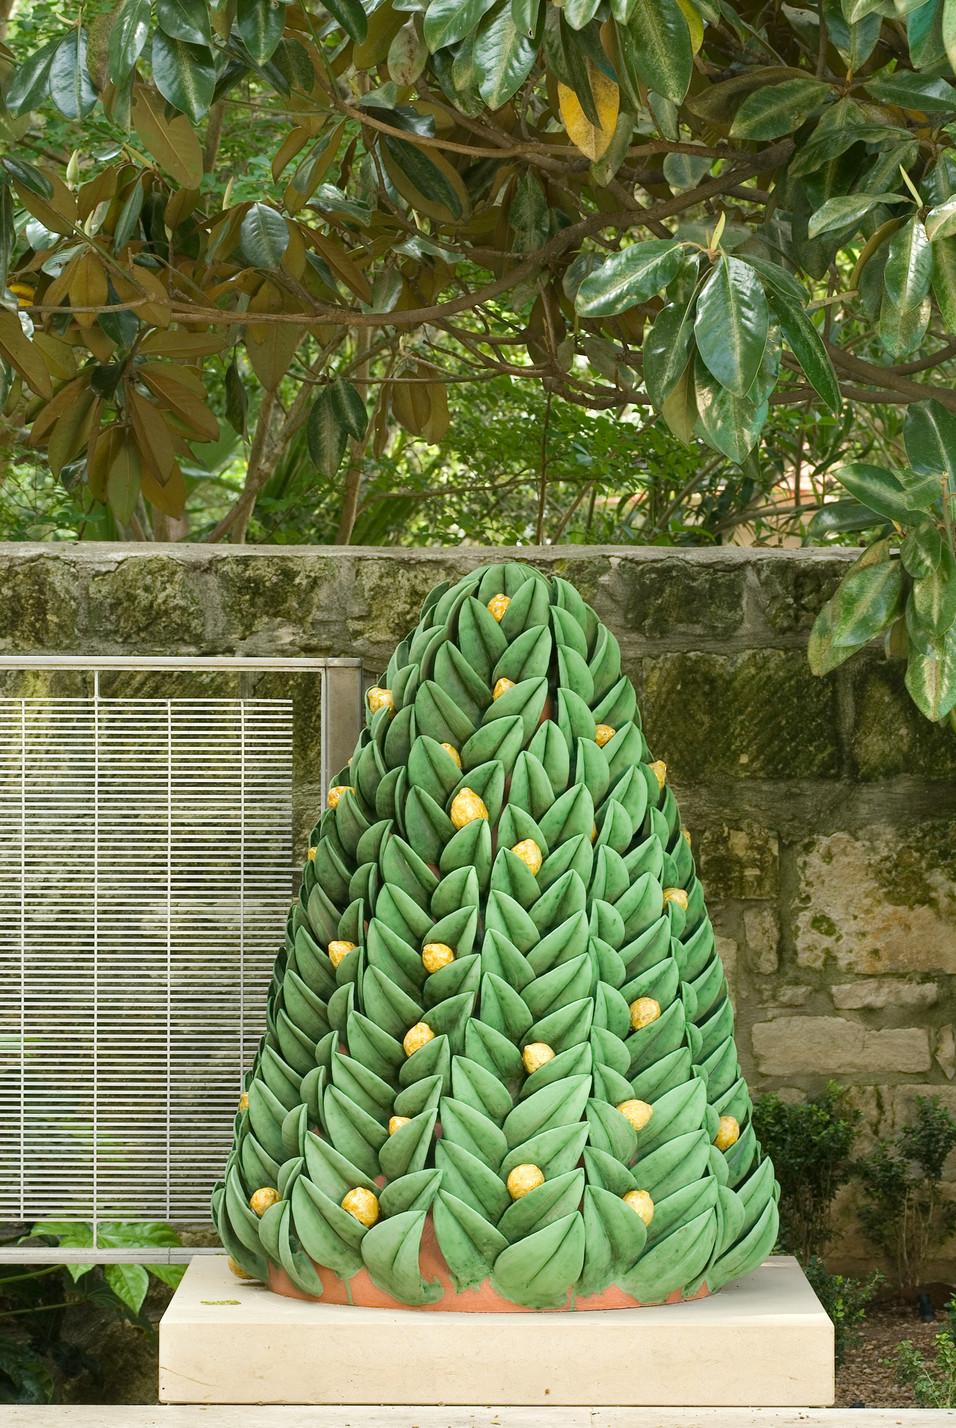 Lemon_Tree_71_300dpi.jpg